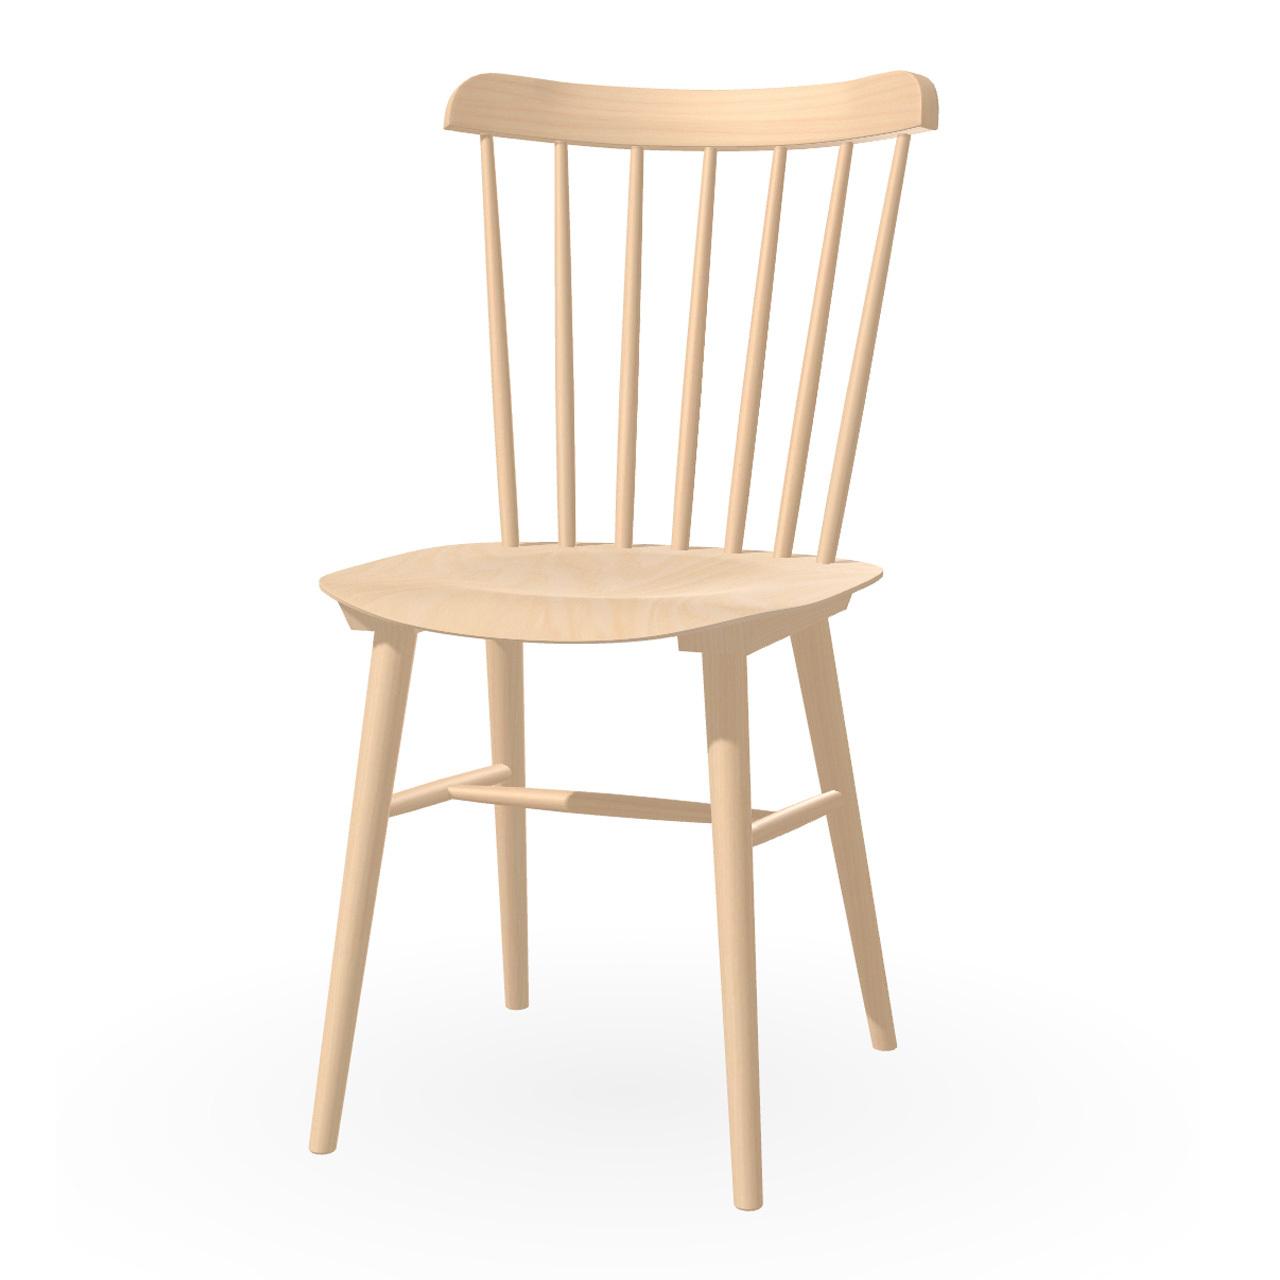 Ton Stuhl im Retro-Stil für den Esstisch  Eiche Natural lackiert,  Helle Kunststoffgleiter